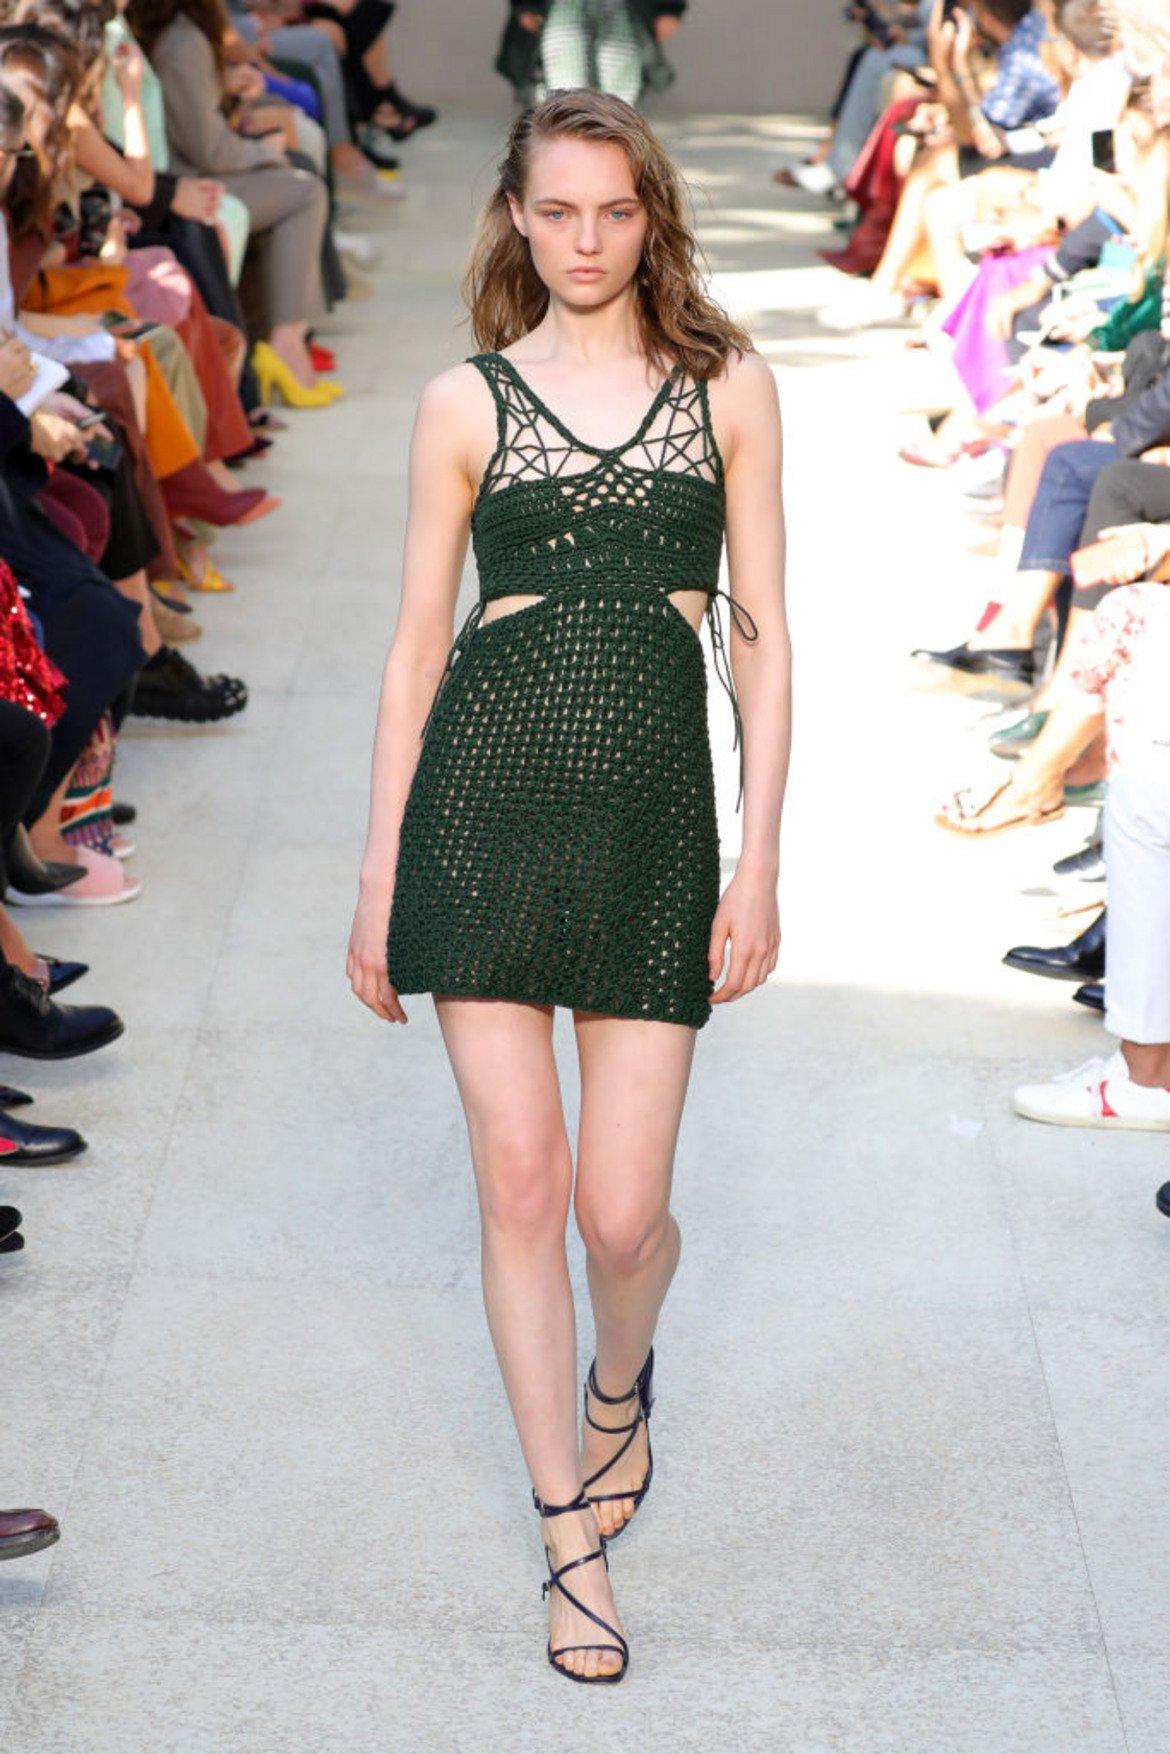 Зелен лук (Chive)  Още един нюанс на зеленото, но този път по-тъмна, по-богата и... по-тревиста. Това е страхотен неутрален оттенък и се съчетава красиво с много цветове - особено с шафран.   Модел на Salvatore Ferragamo от колекцията пролет/лято, показана на Седмицата на модата в Милано.